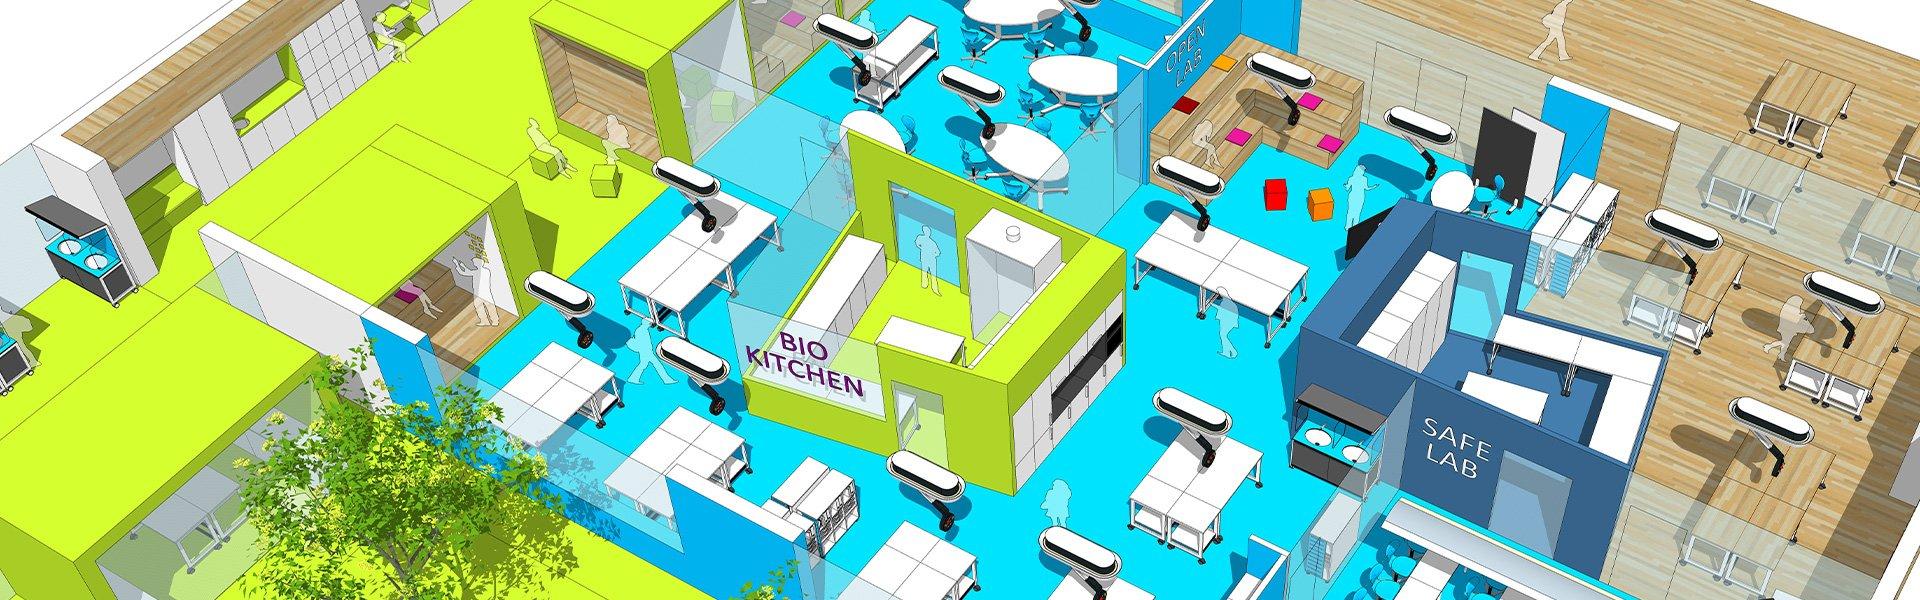 3D-Modell einer Schule mit verschiedenen Laboren